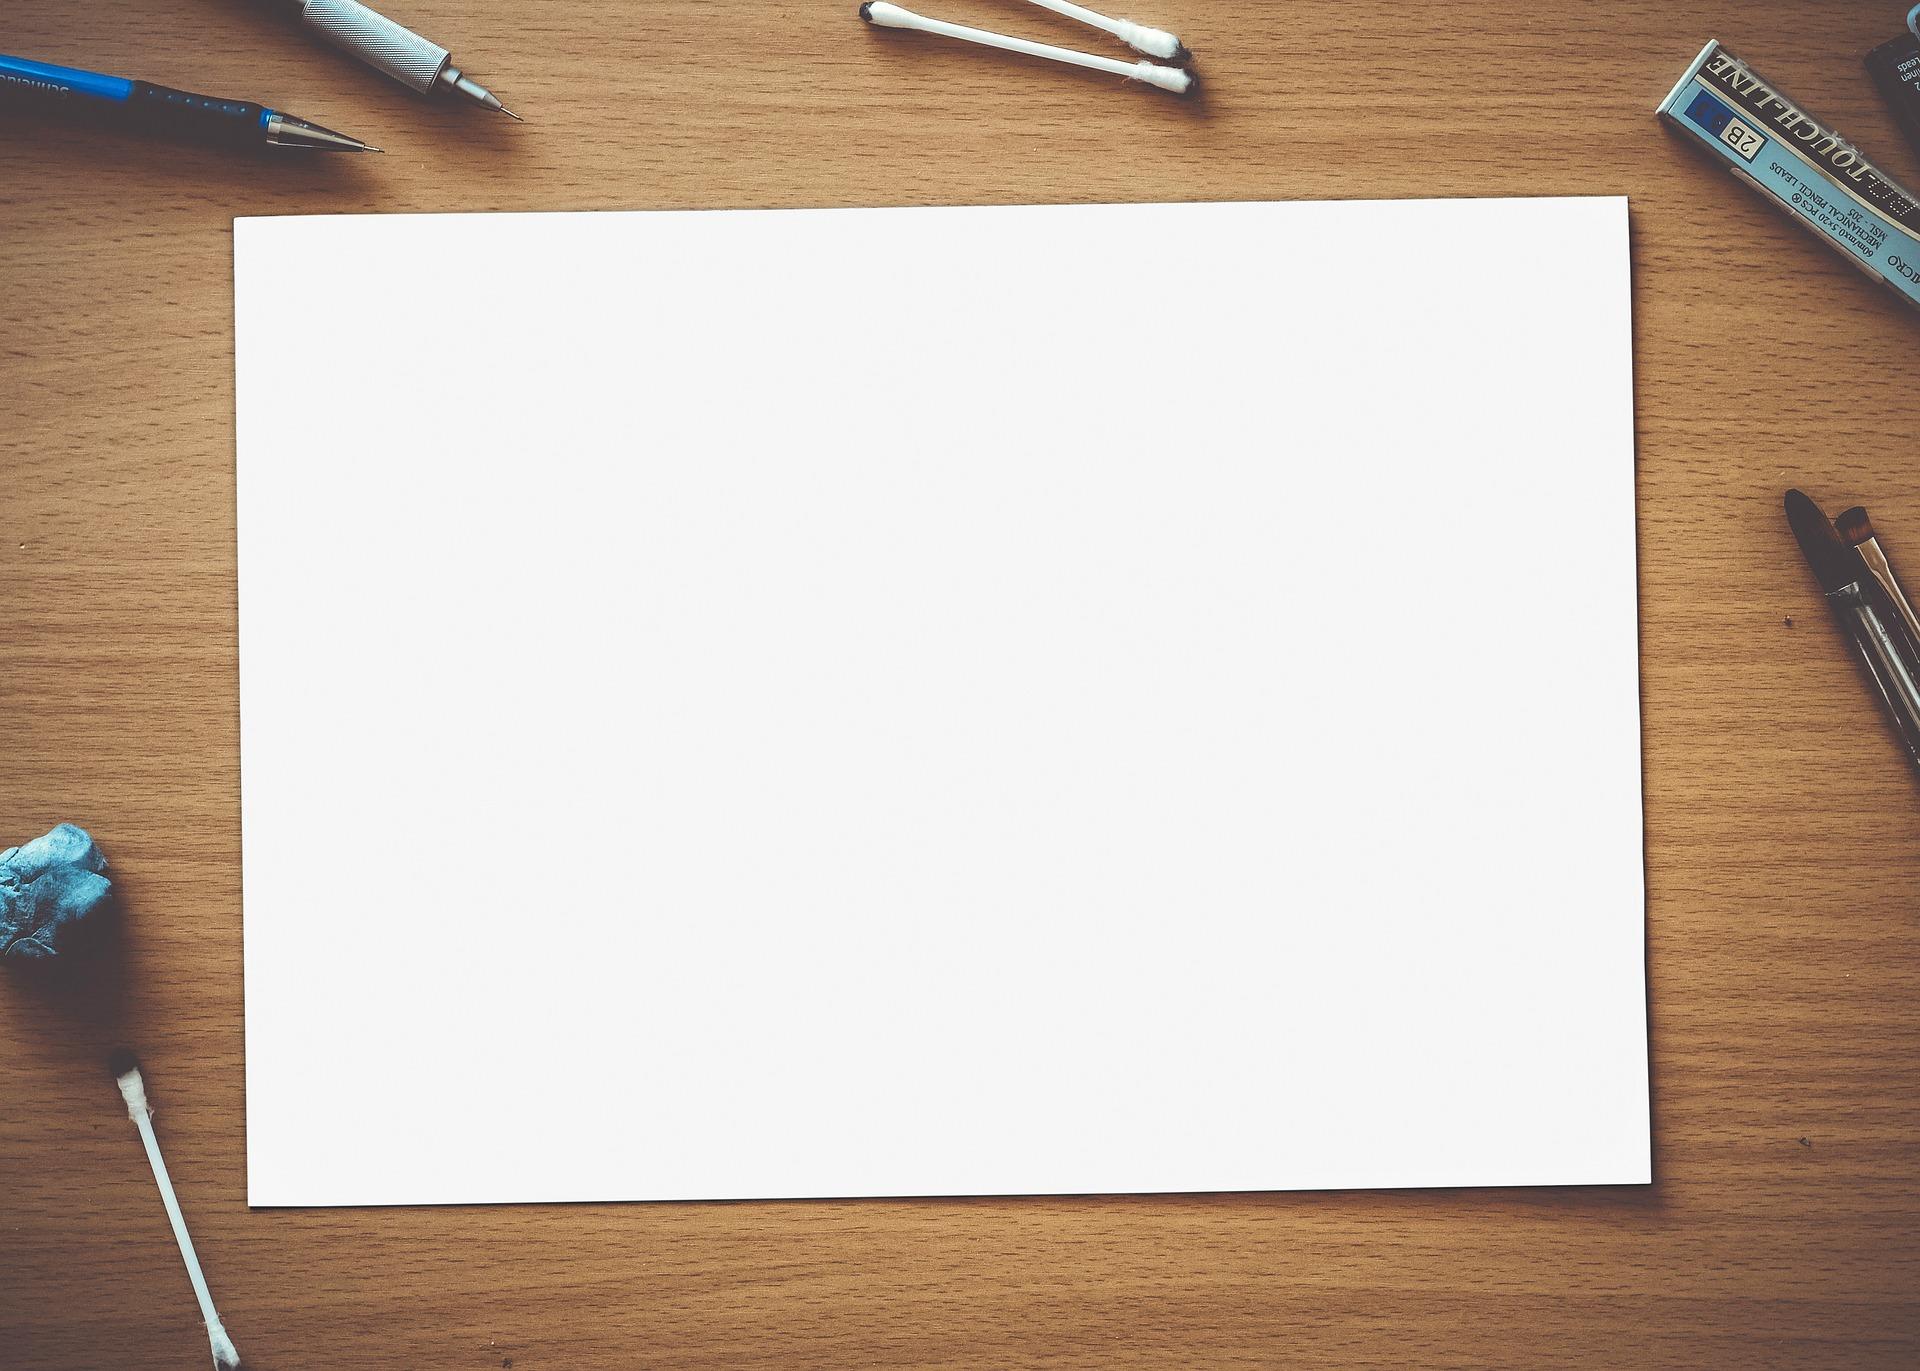 paper - 未経験からWebデザイナーになる前に絶対に知っておいて欲しいこと